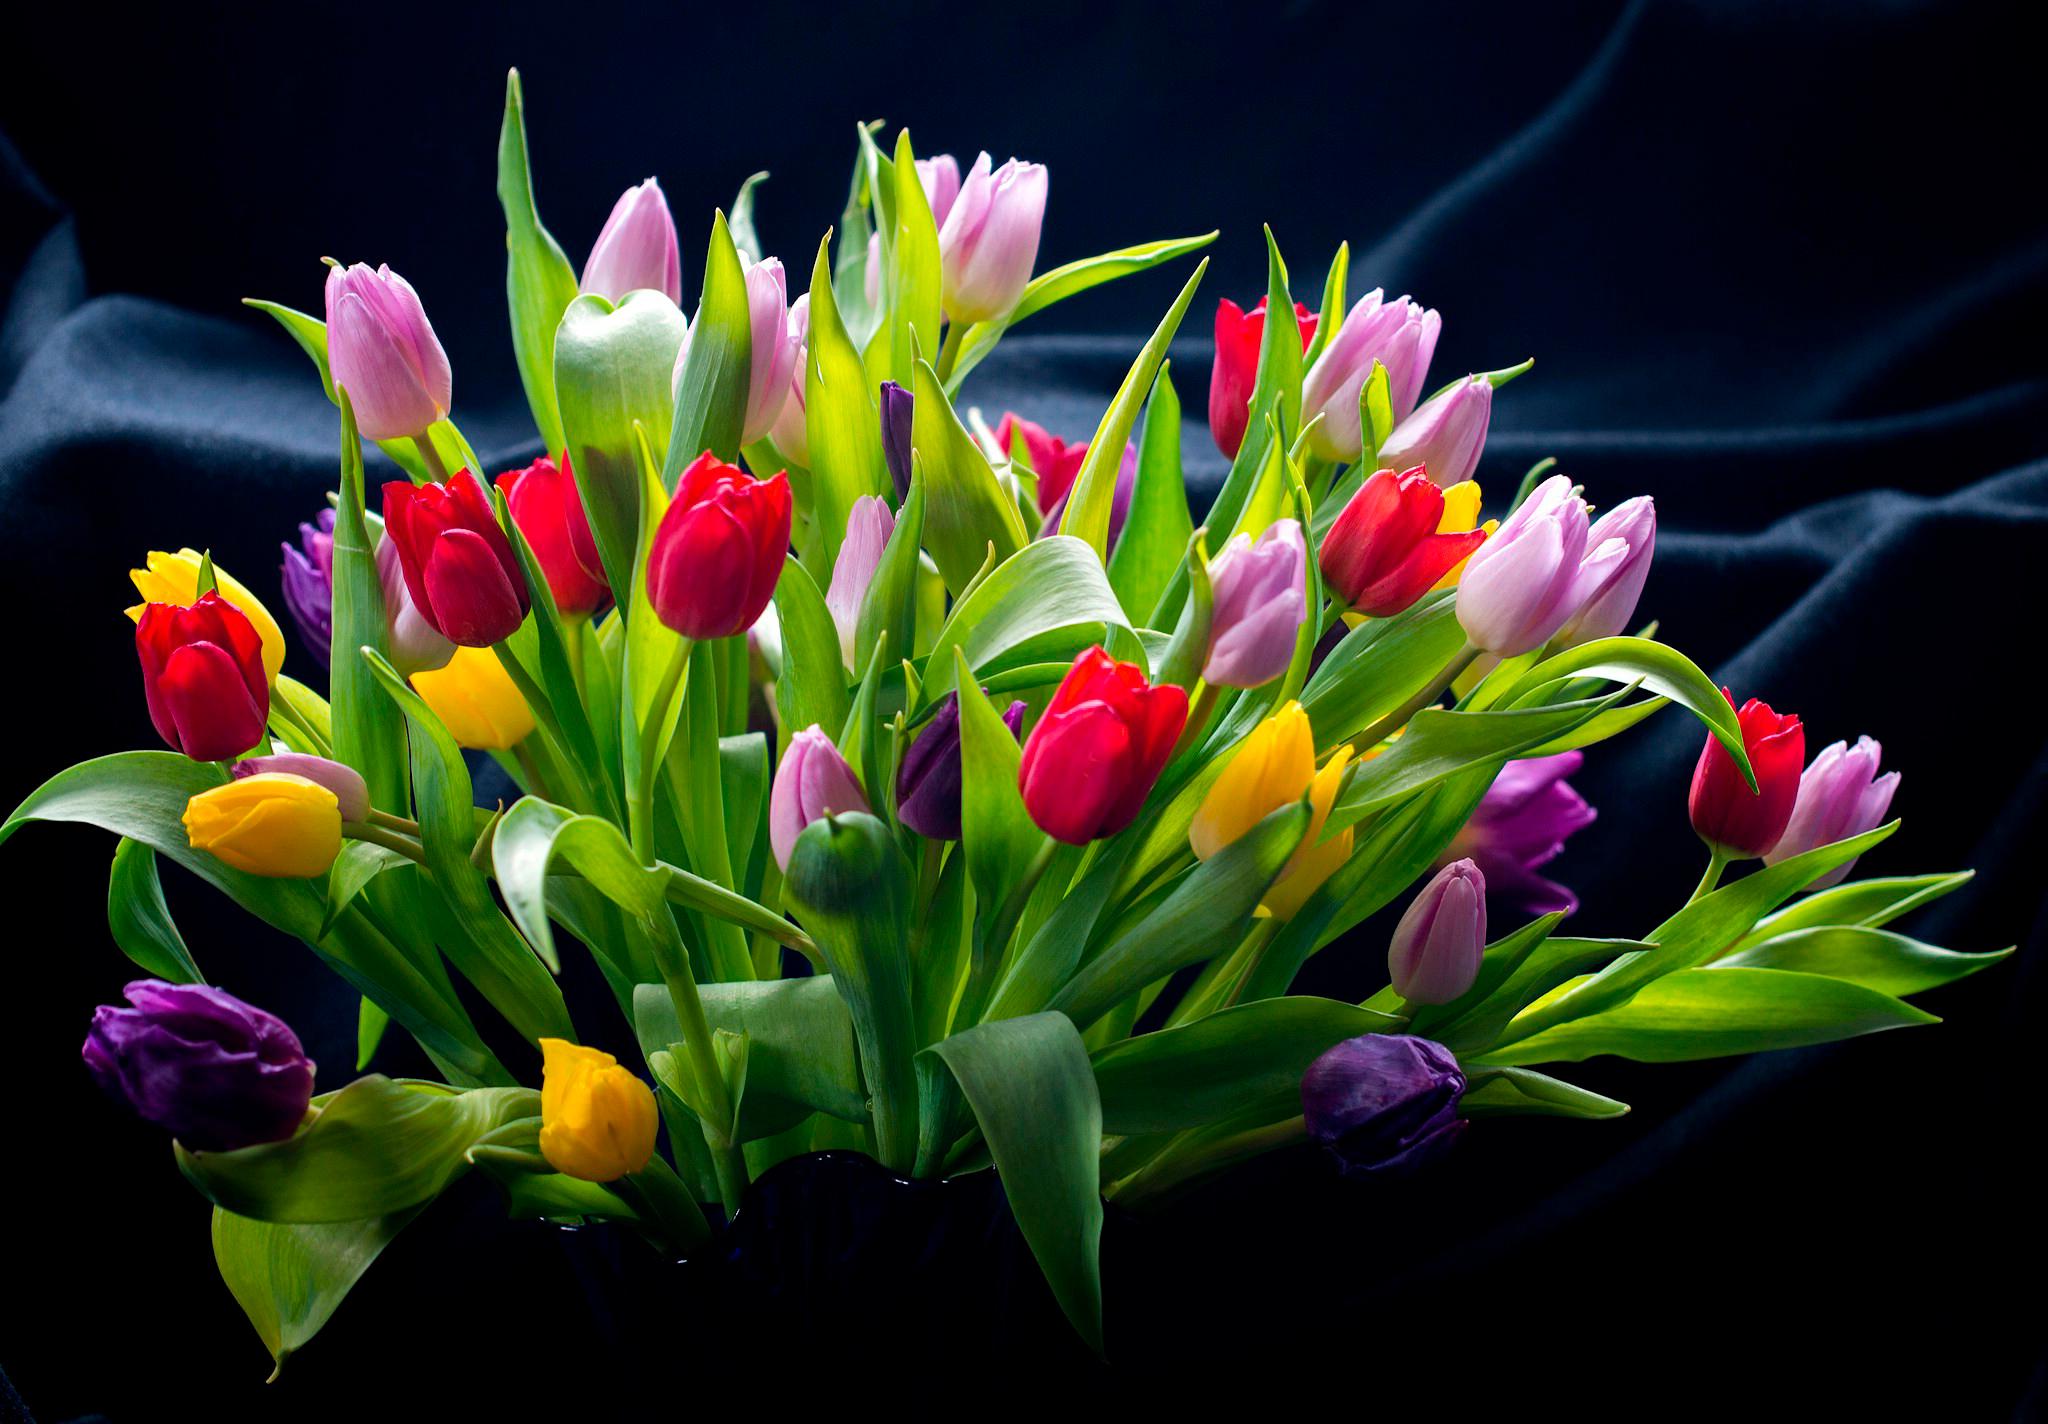 tulip-photo-146